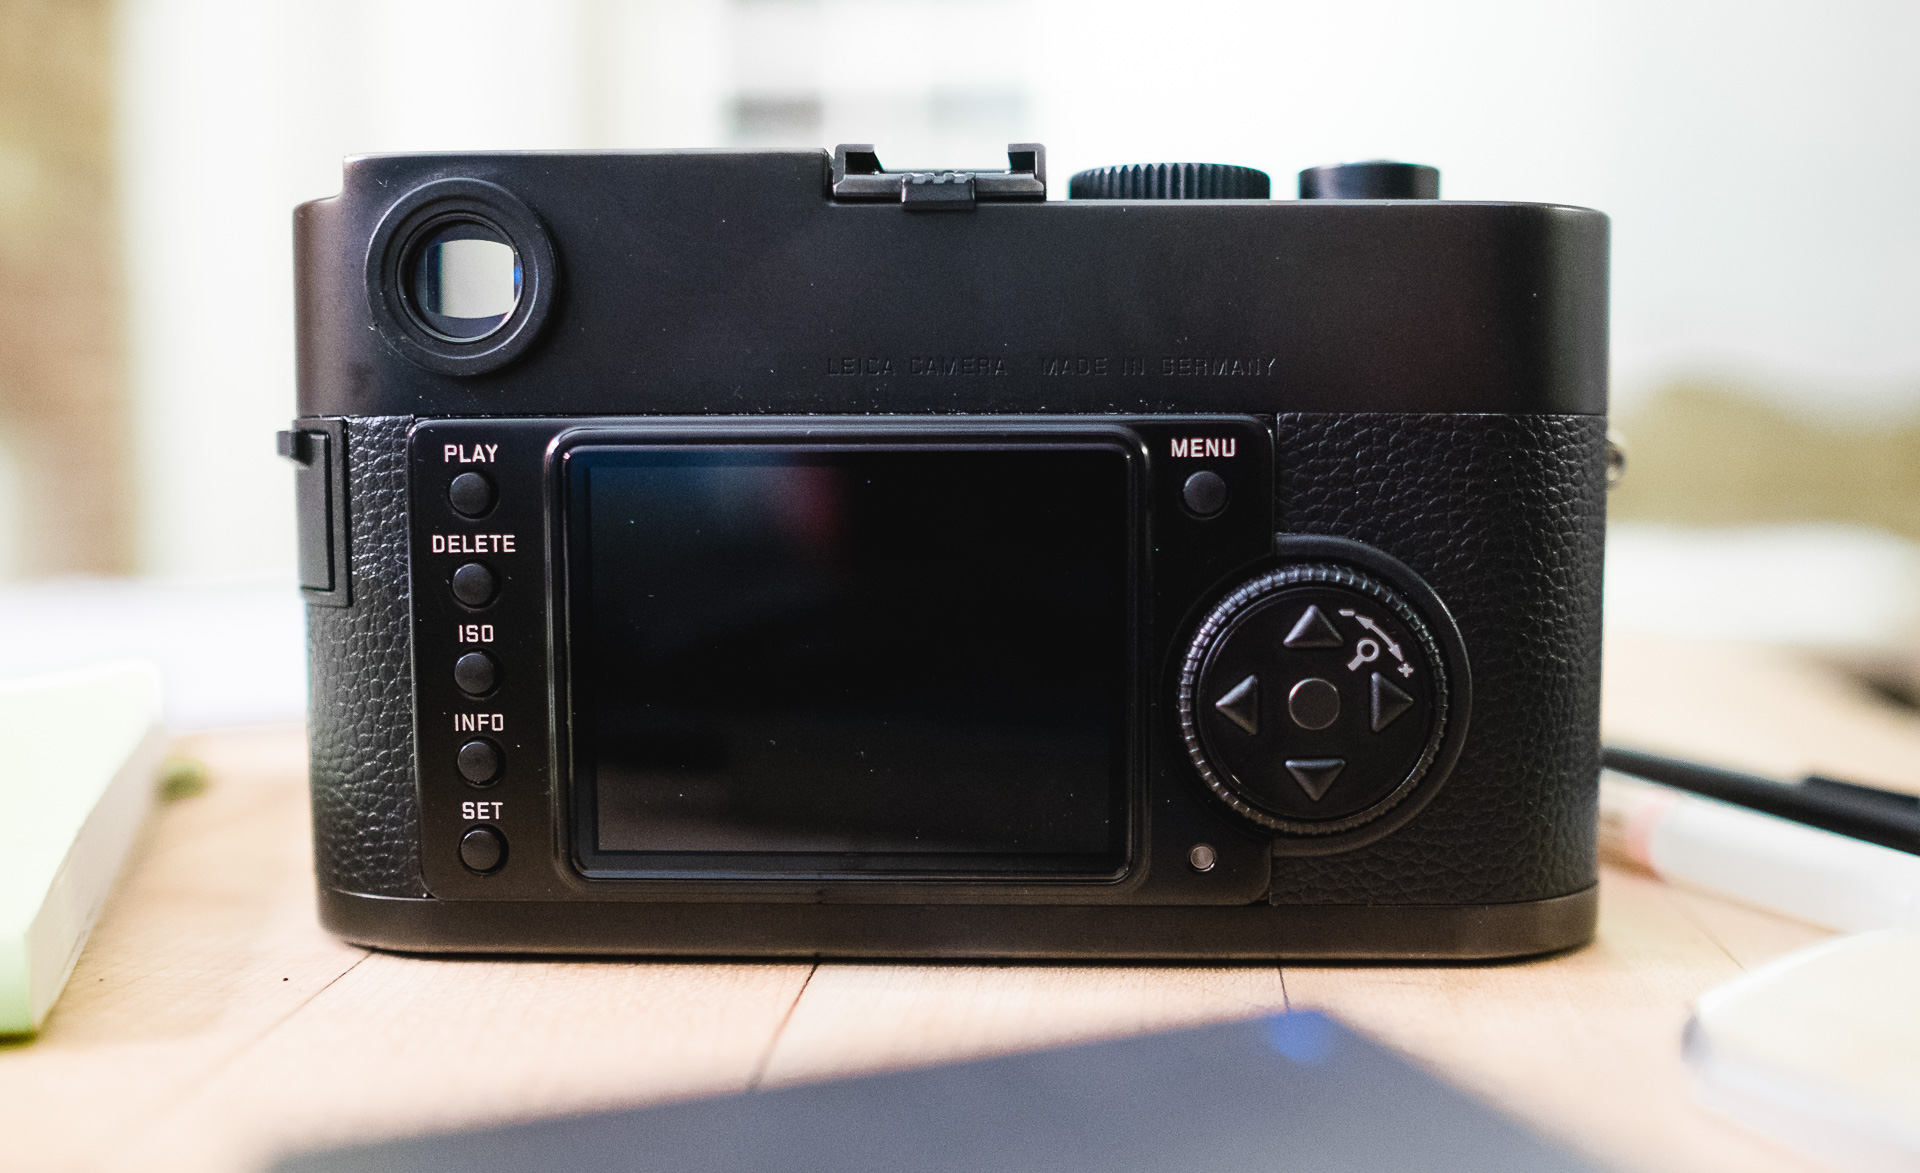 Fujifilm X-T1 | Fujinon 23mm f/1.4